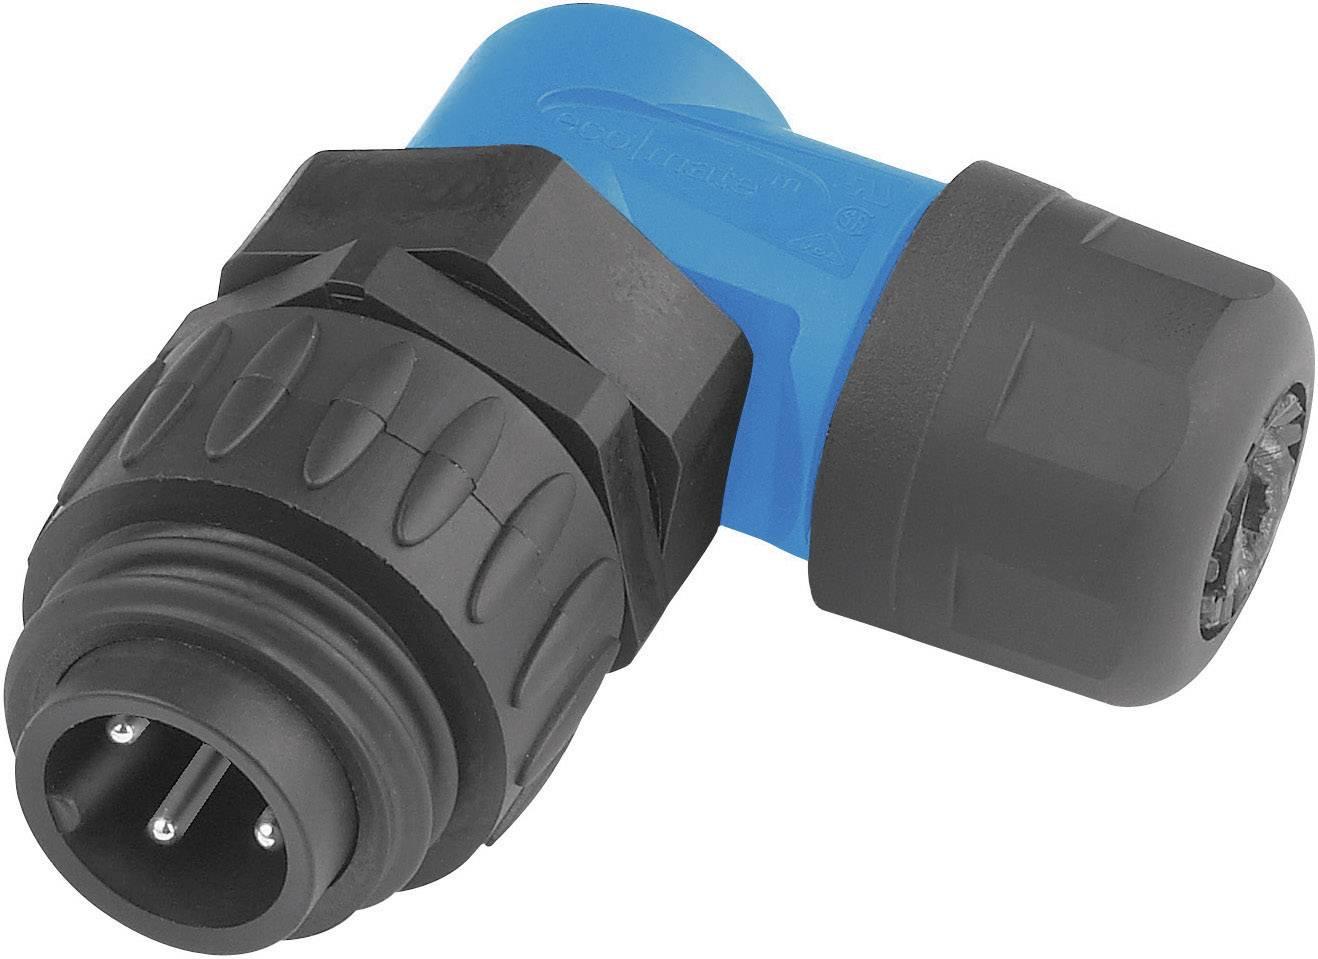 Kabelová zástrčka 3+PE Amphenol C016 20K003 100 10, zahnutá, 16 A, černá/modrá